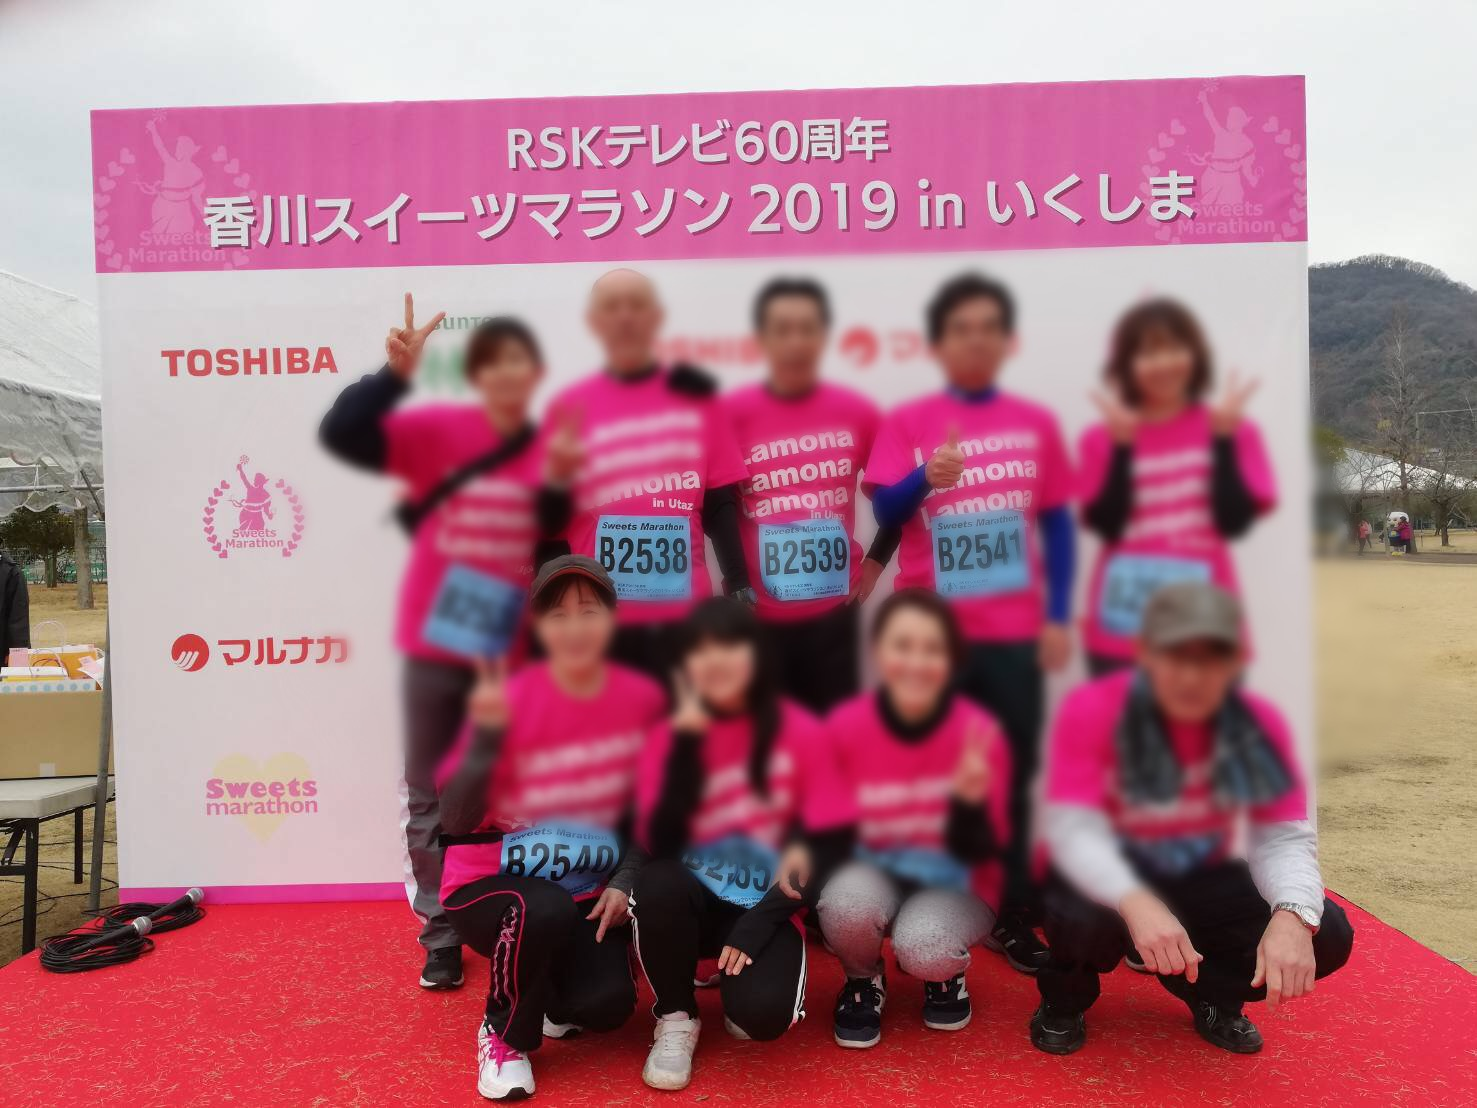 スイーツマラソン♪